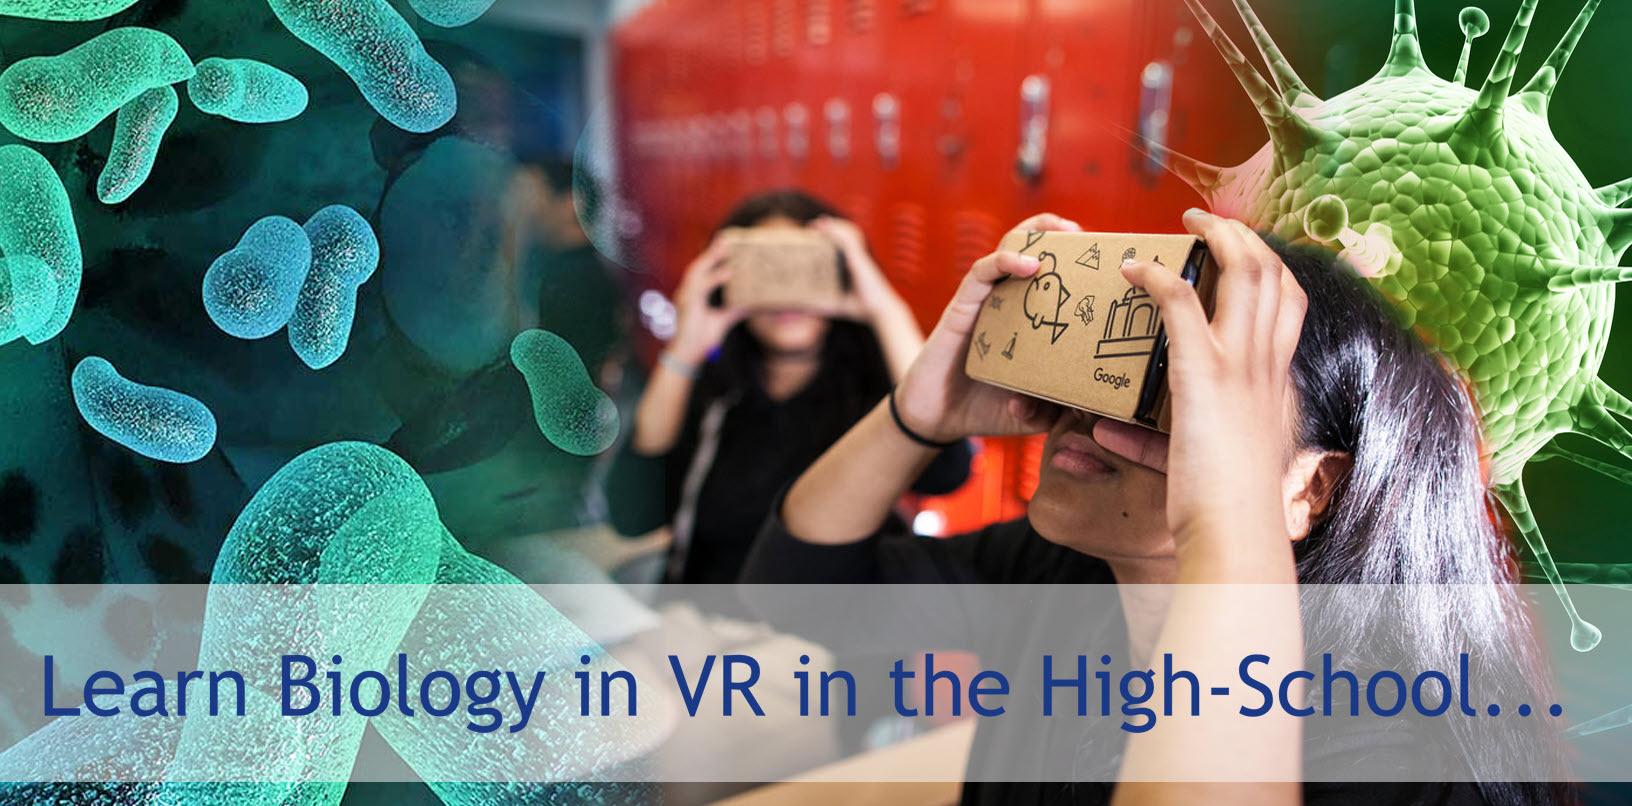 Virtual-Reality-VR-Edcuation-eweb360-VR-high-school